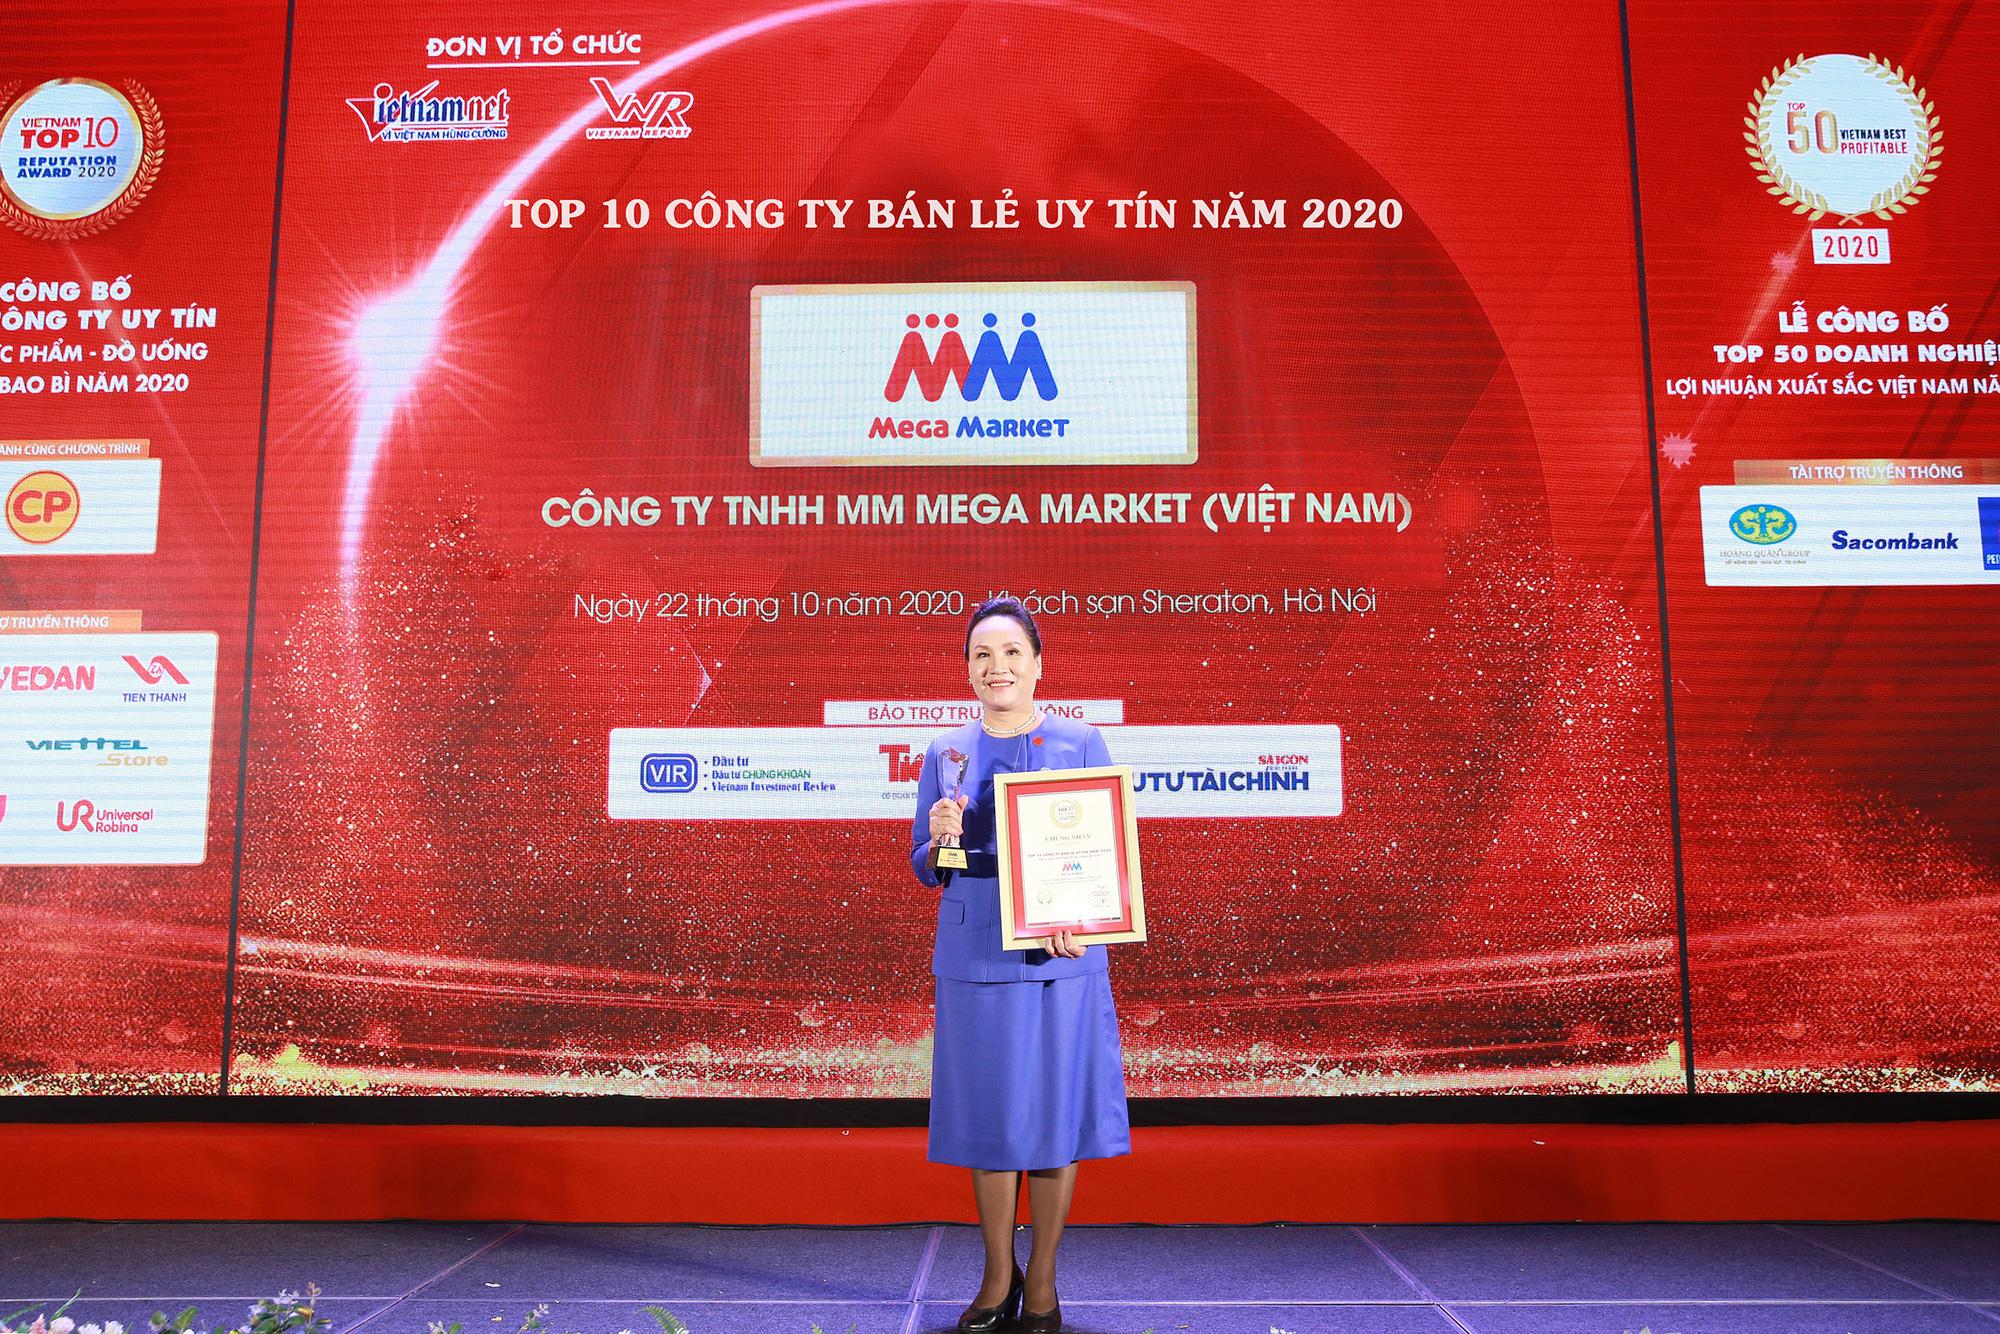 MM Mega Market giành vị trí thứ 3 trong top 10 Công ty bán lẻ uy tín - Ảnh 1.